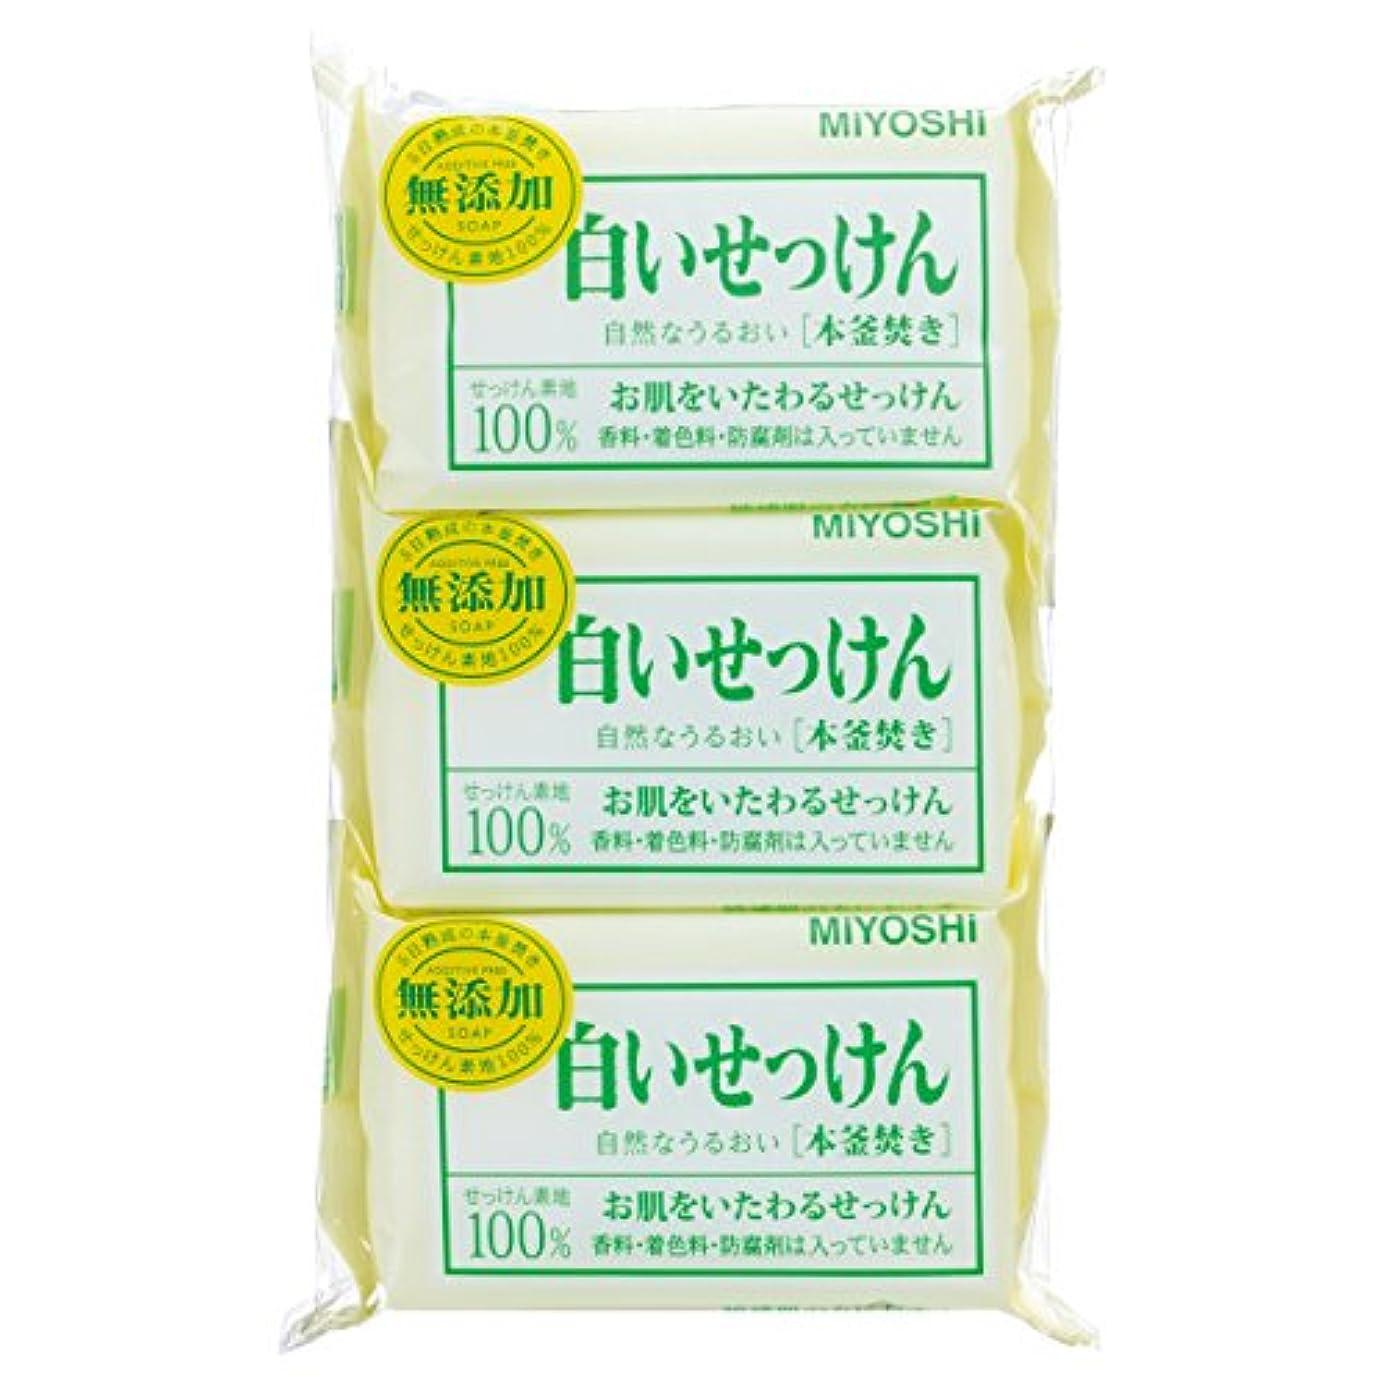 四半期中庭着実にミヨシ石鹸 無添加石鹸白いせっけん3P